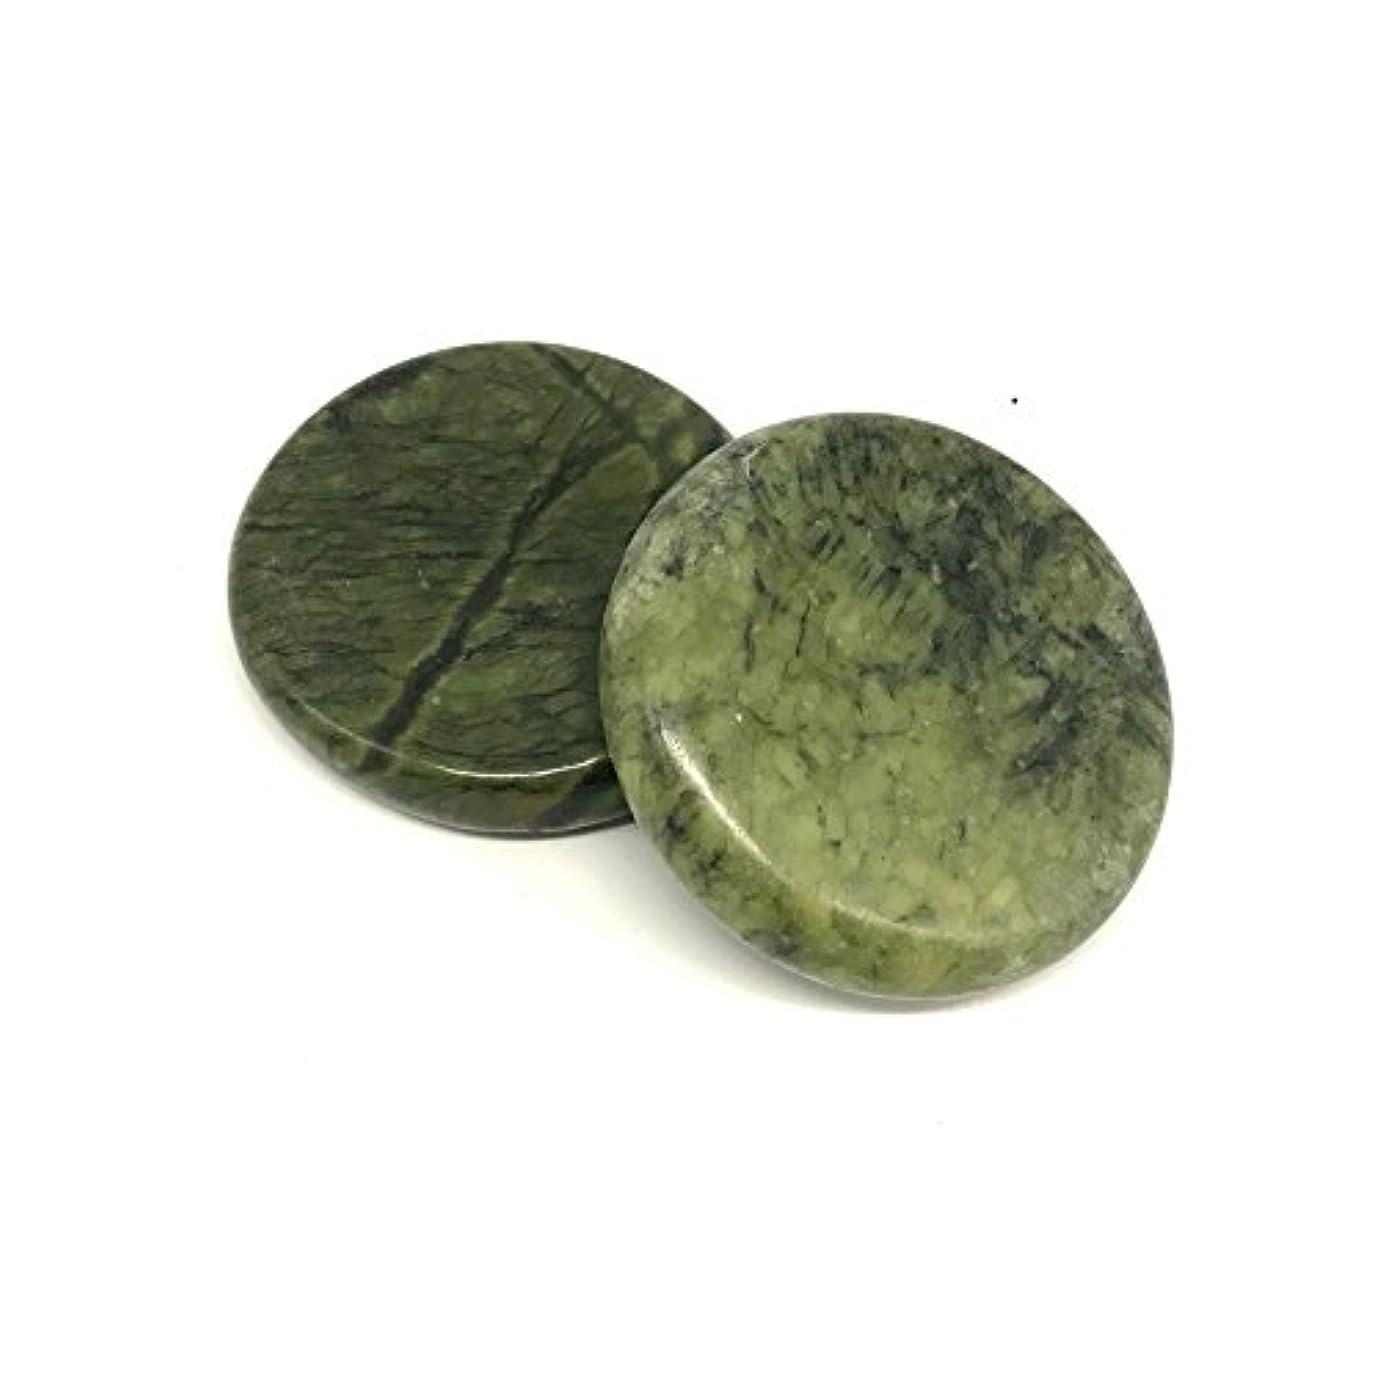 冷凍庫極端な扱いやすいオリーブ玉翡翠ホットストン 足つぼ・手のひら かっさ Natural Green Jade Stone hot stone for body massage Spa massage tools (L 2 点PCS) (3.14...